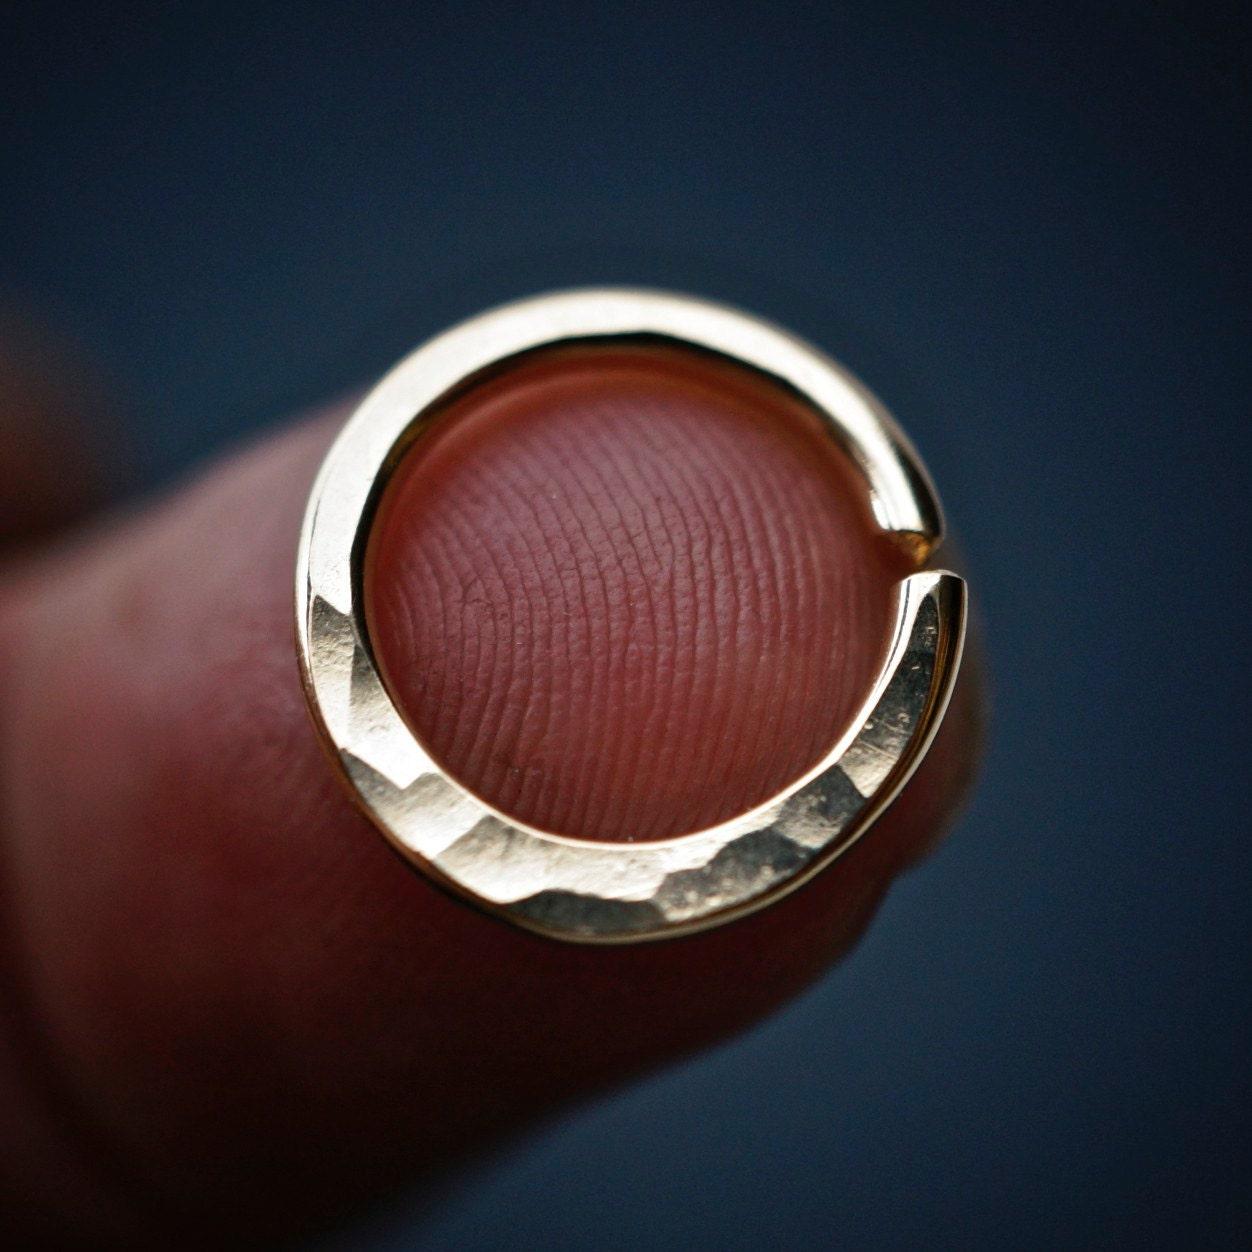 Septum Ring Cartilage Hoop 14g Earring 14 Gauge Hoop Nipple Ring Nose Belly Hammered Body Jewelry No 00503